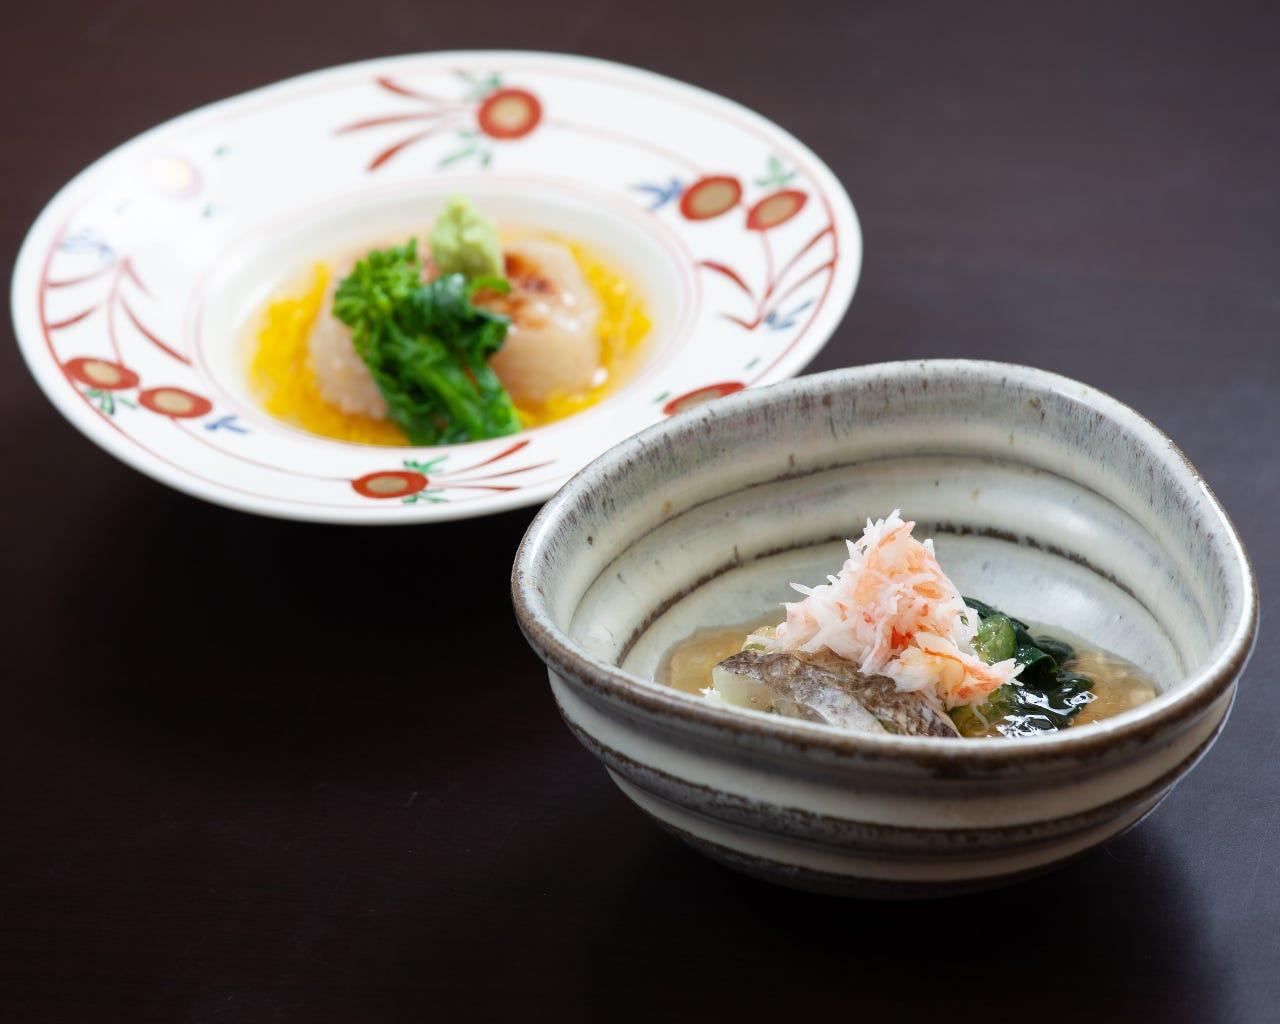 旬の料理 天ぷら みねまつのイメージ写真